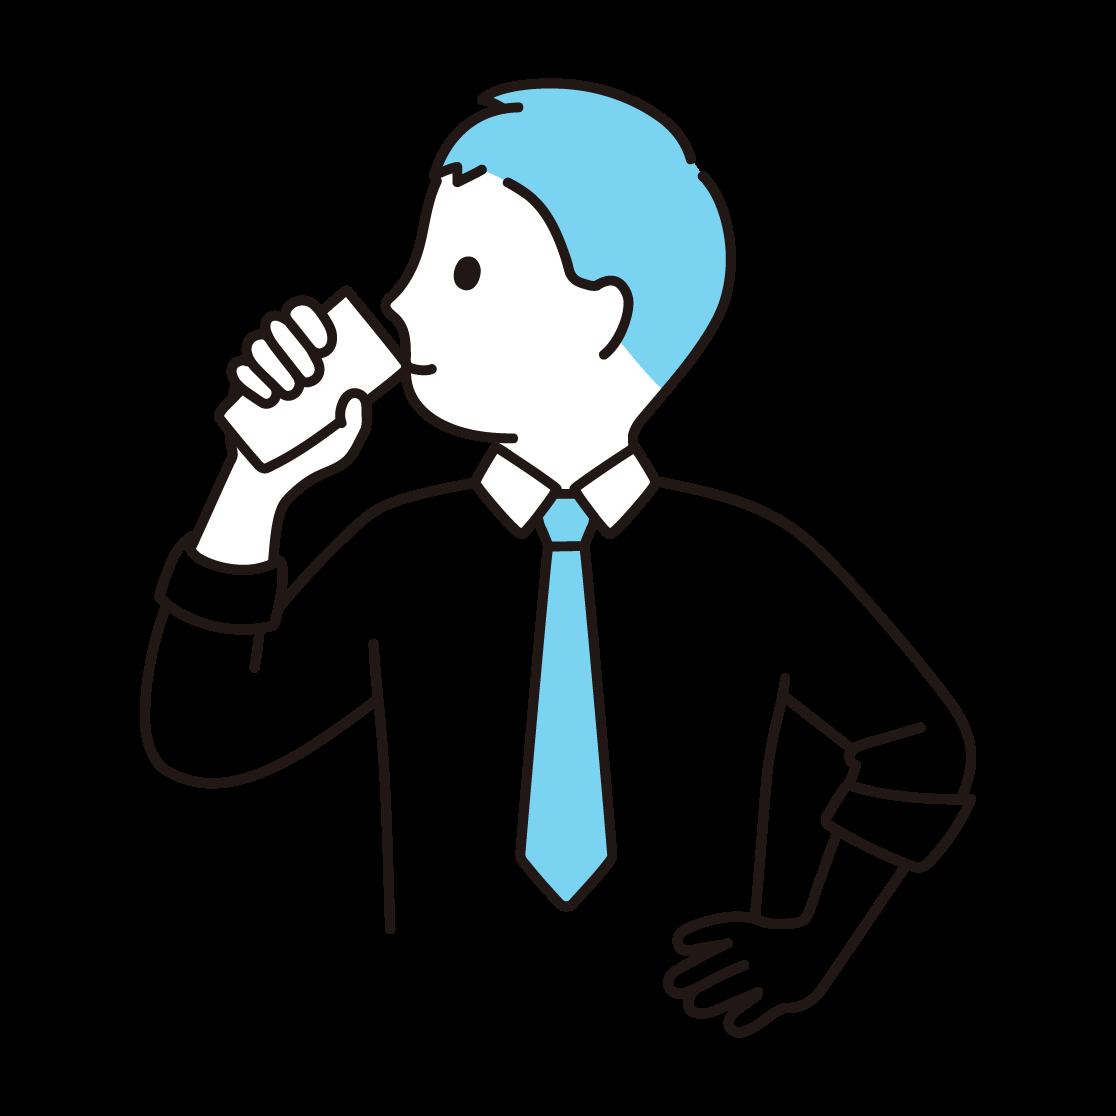 牛乳を飲む男性の単色イラスト